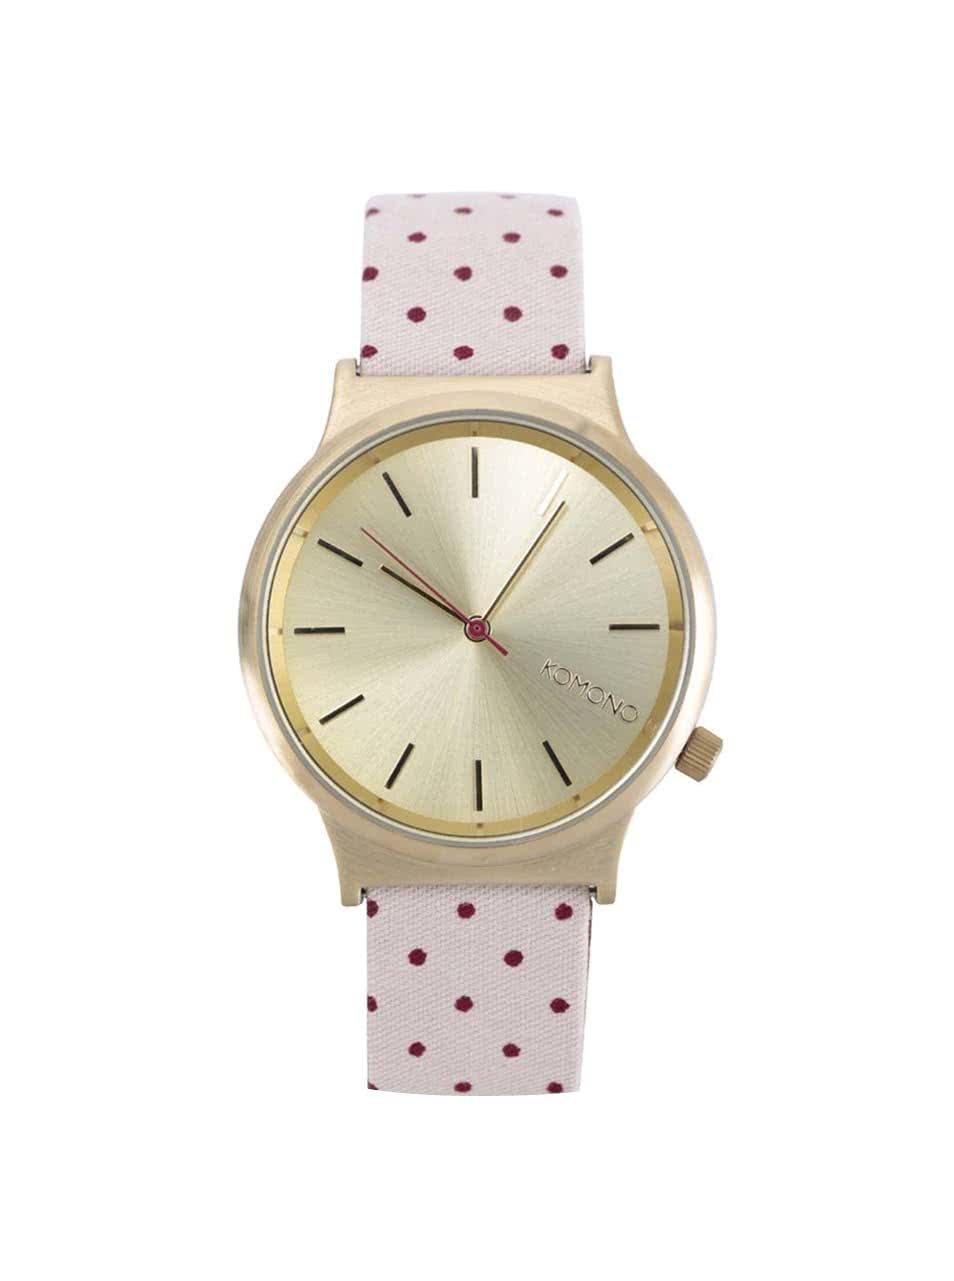 6f9d88563 Dámske hodinky v zlatej farbe s ružovým bodkovaným remienkom Komono Wizard  Print ...